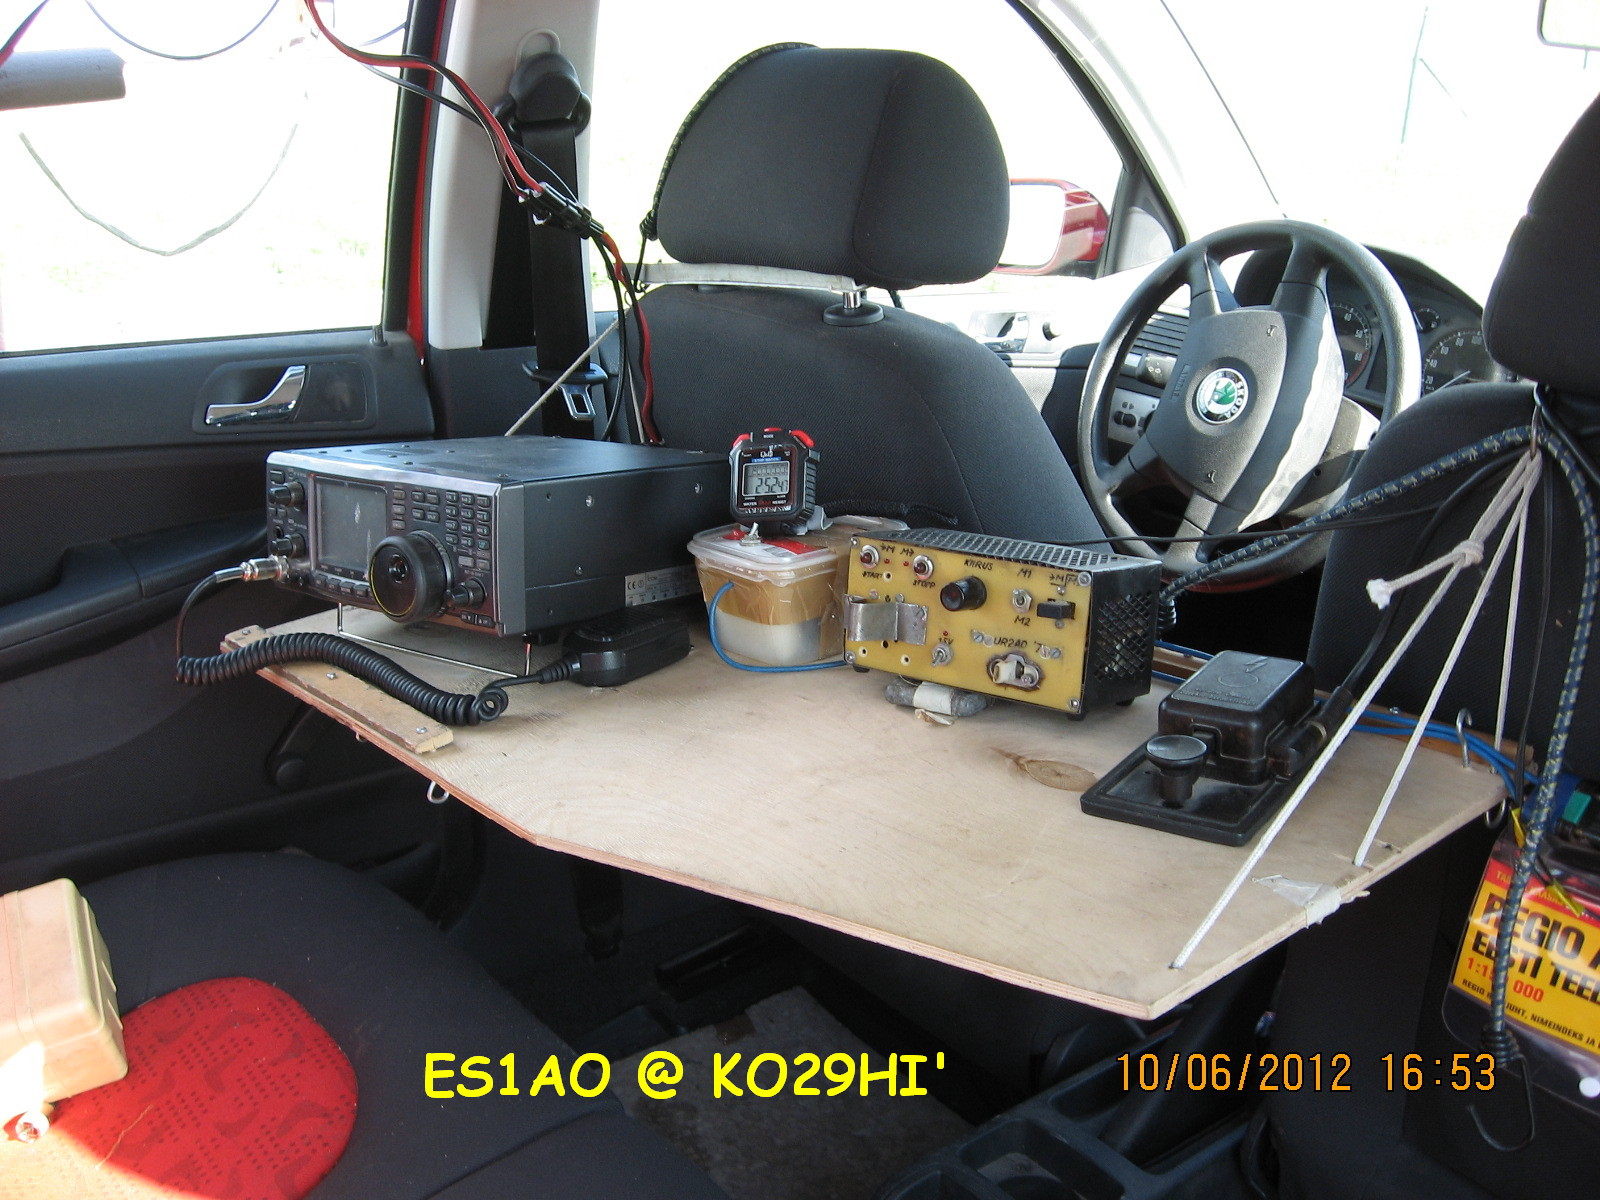 Нажмите на изображение для увеличения.  Название:ES1AO''2012 (1).jpg Просмотров:6 Размер:475.5 Кб ID:194327